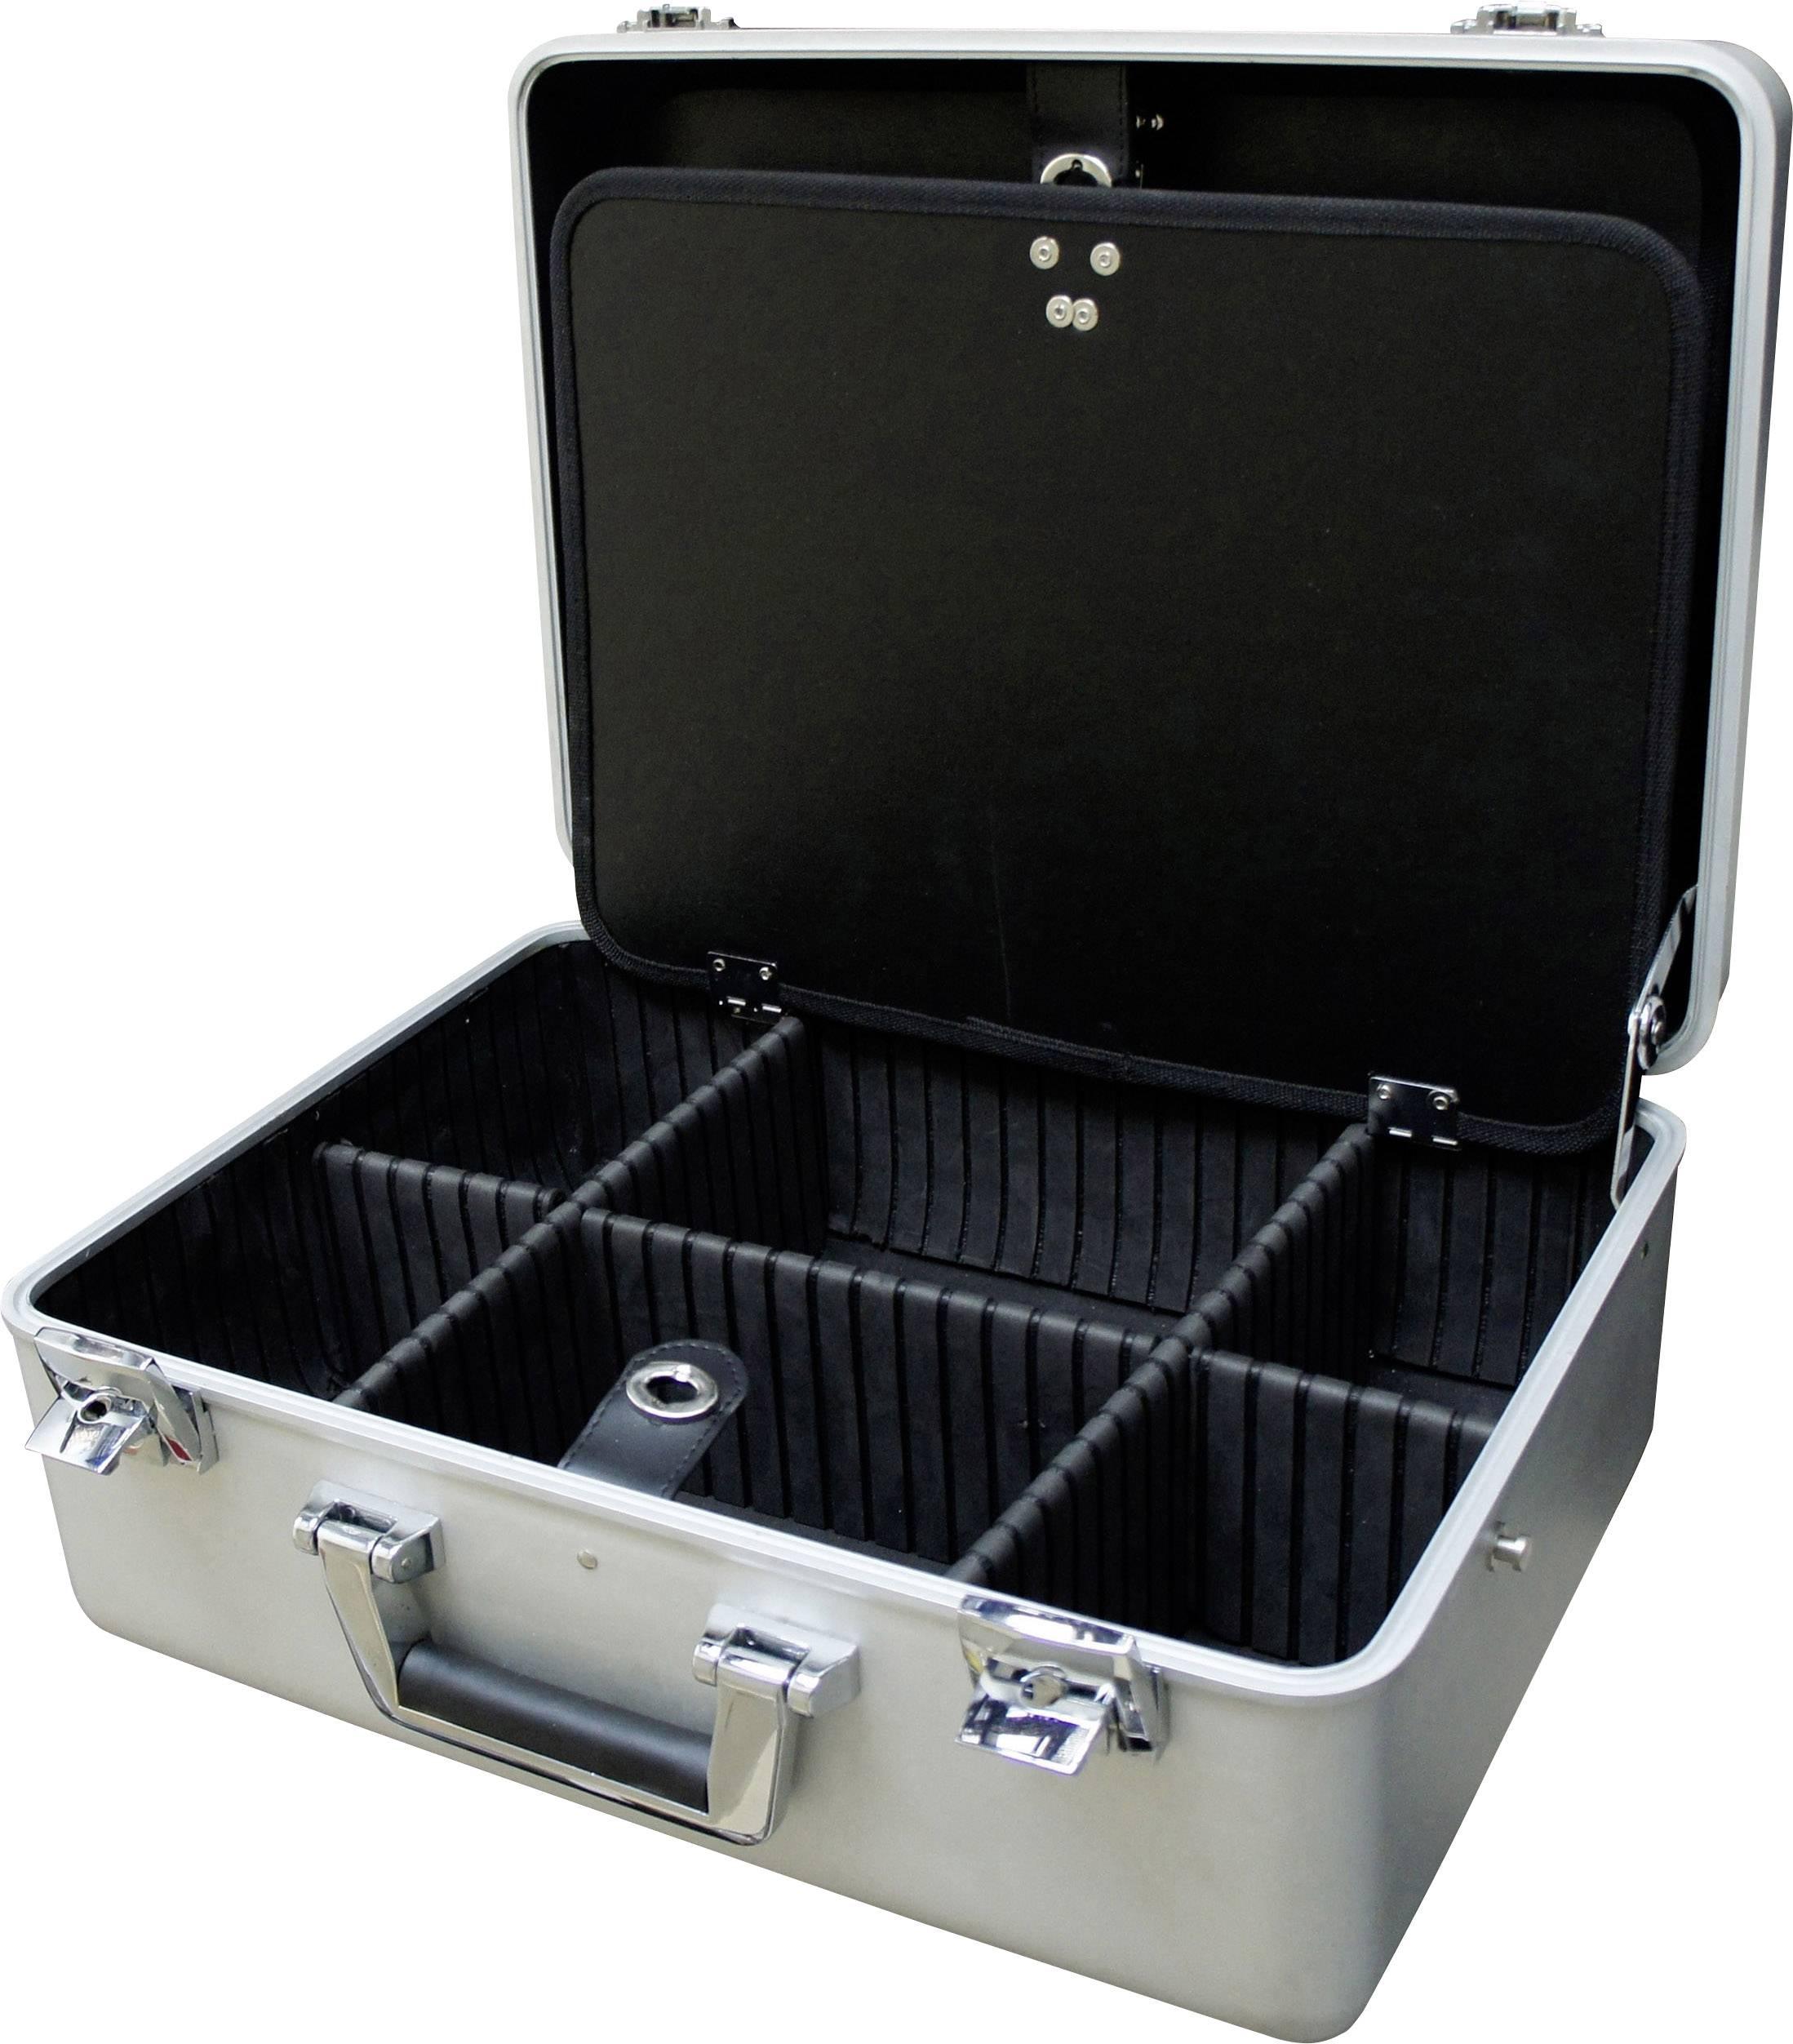 Kufřík na nářadí VISO MC1808, (š x v x h) 440 x 125 x 300 mm